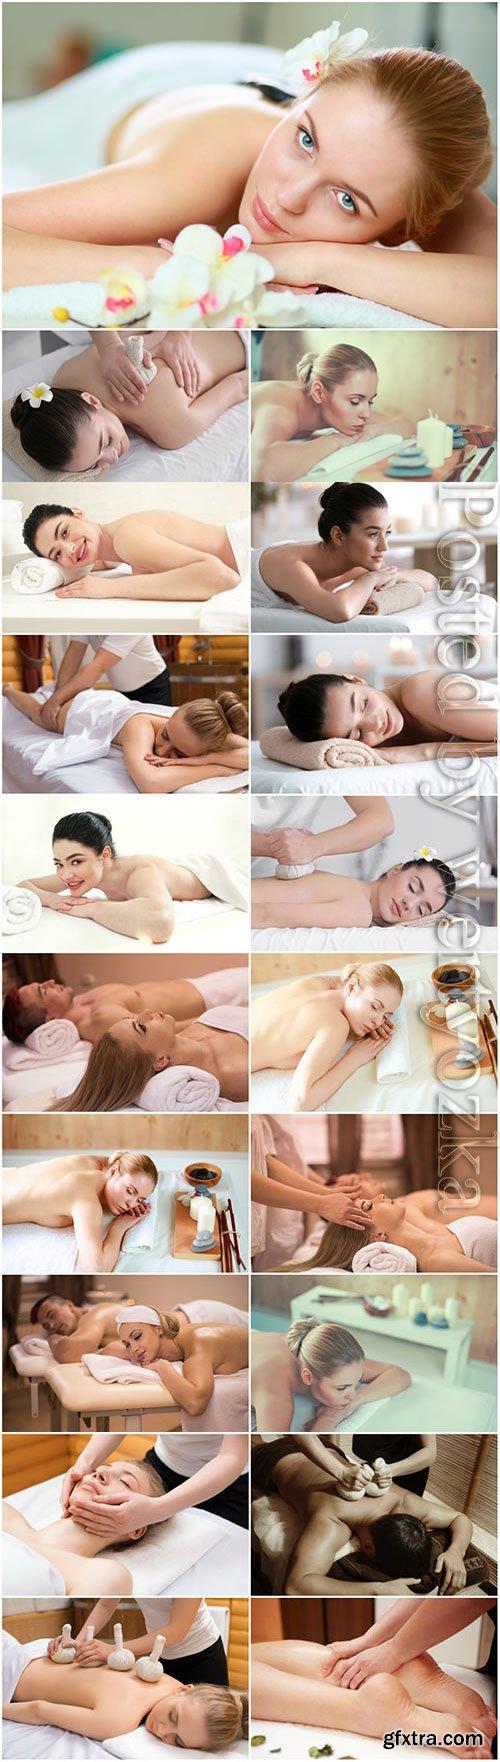 Massage for beautiful girls stock photo